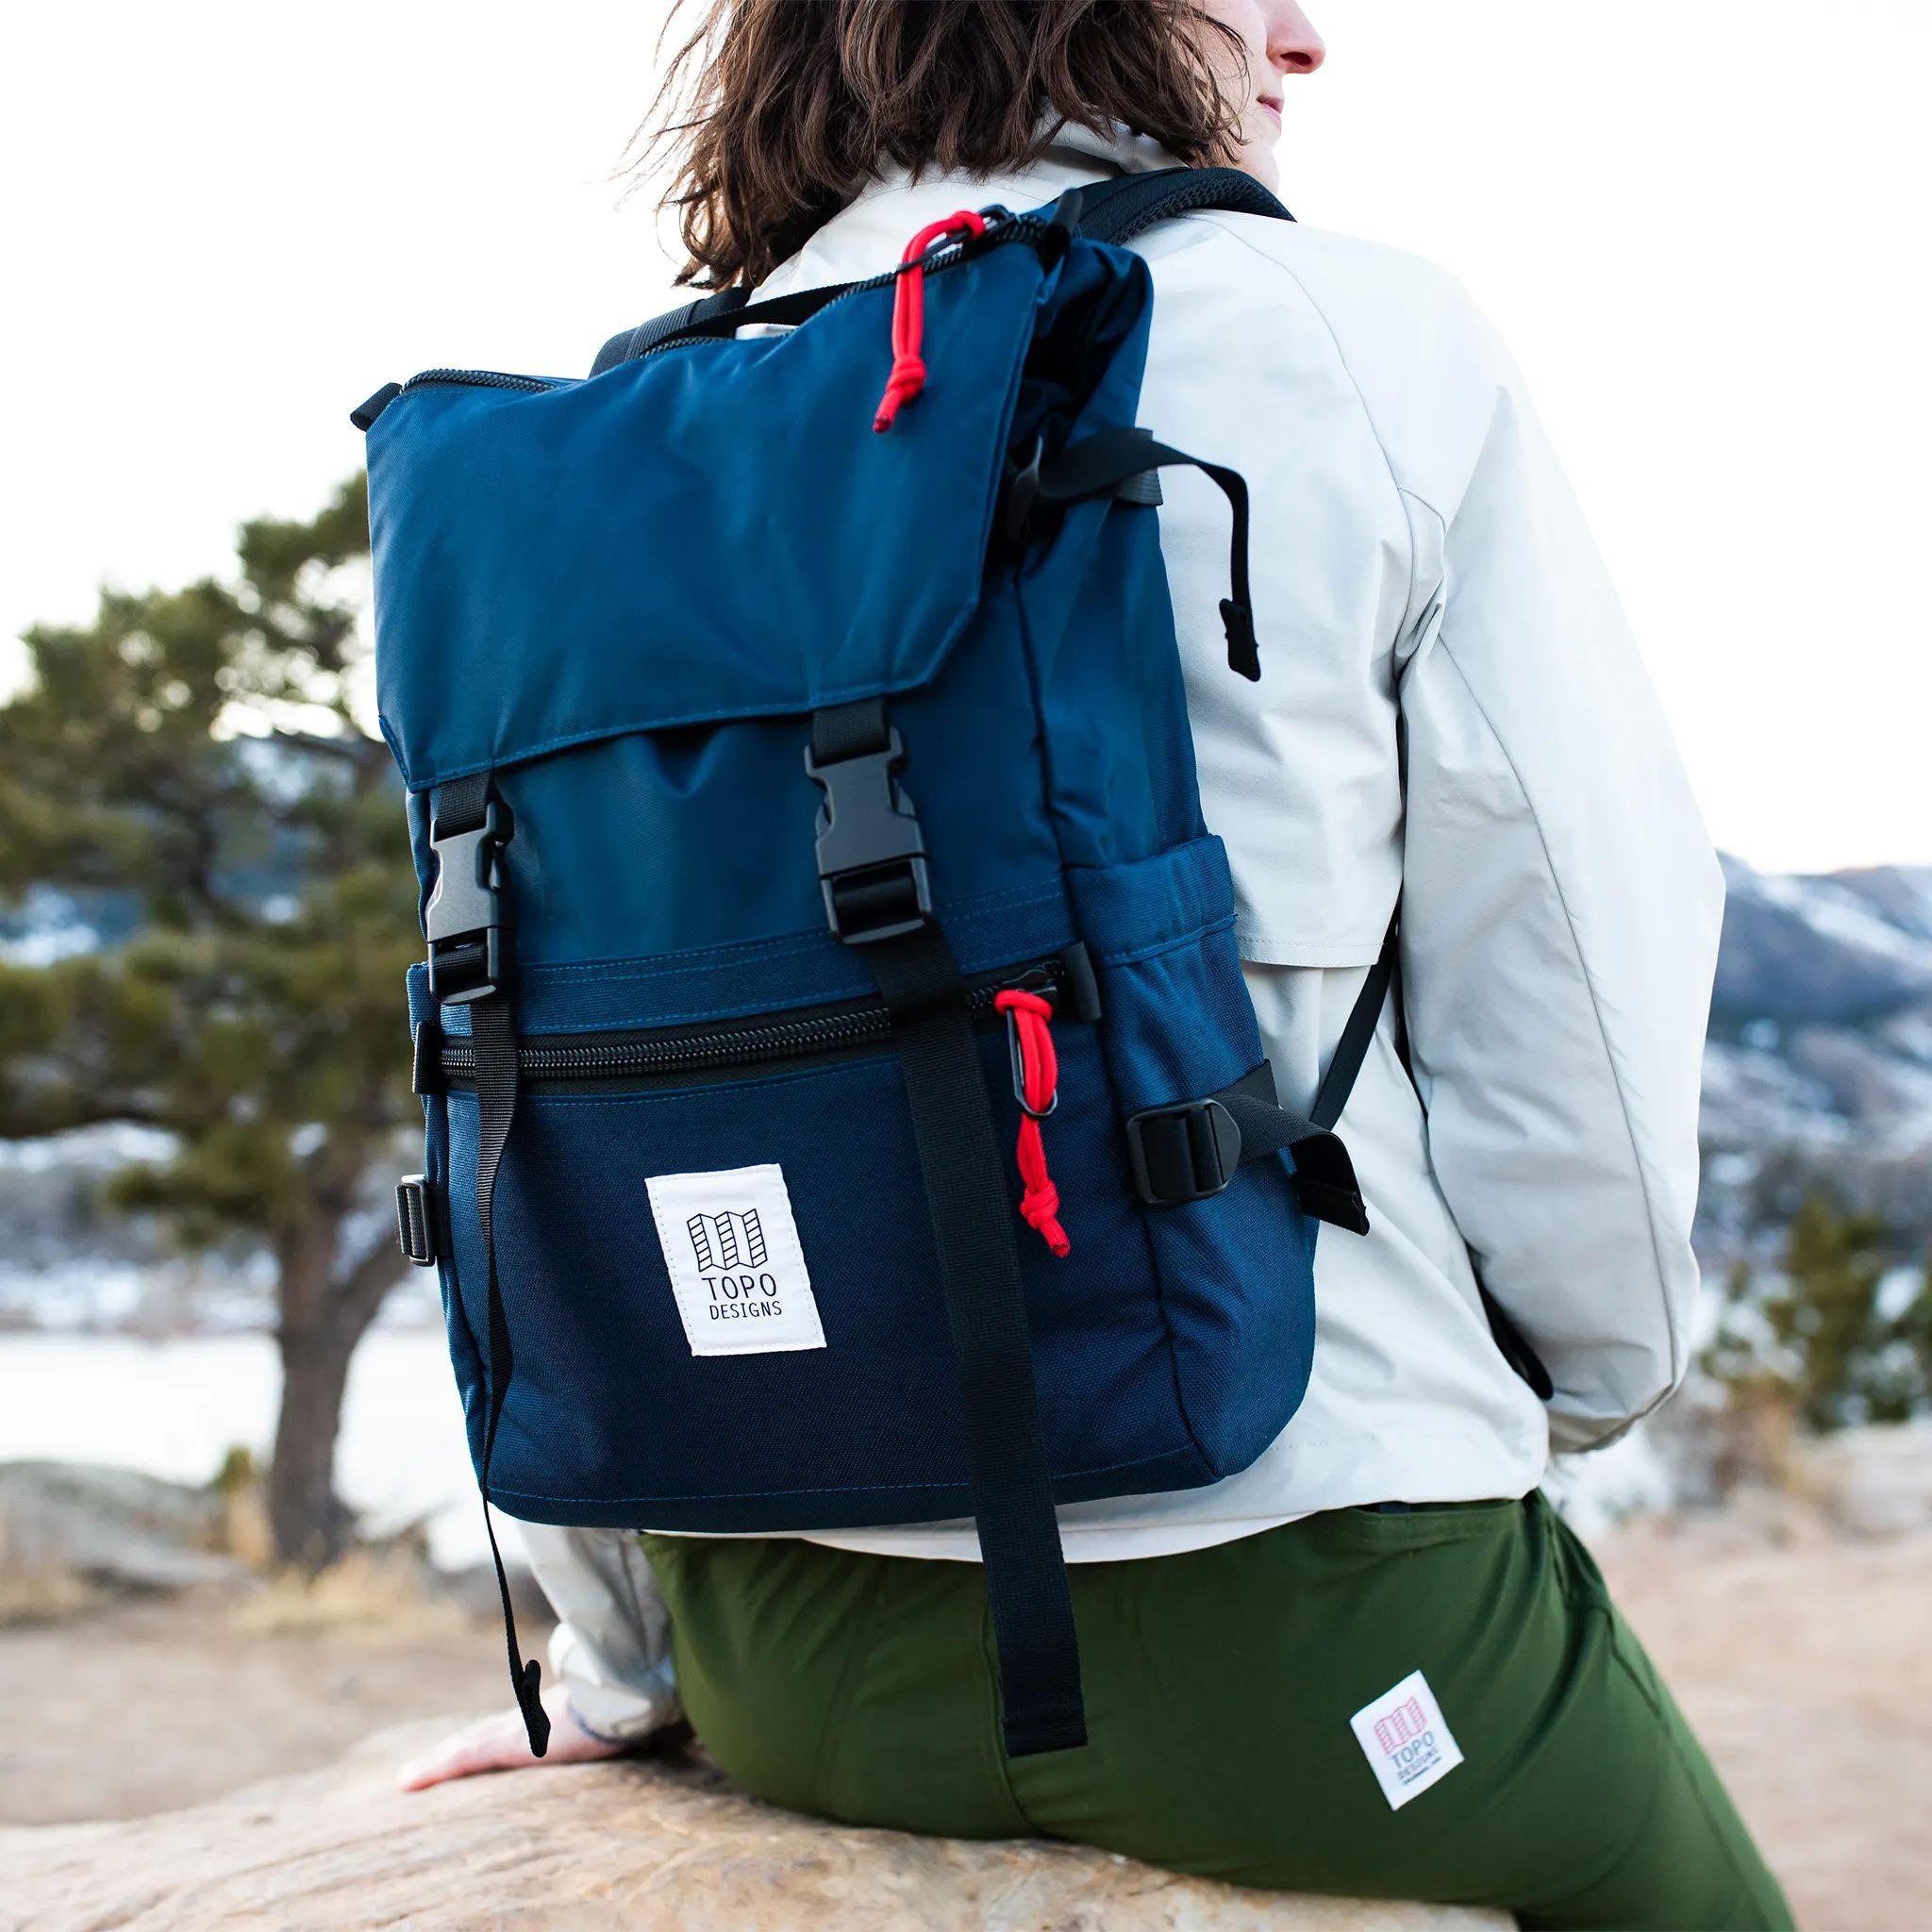 Batohy, tašky a oblečenie od Topo Designs